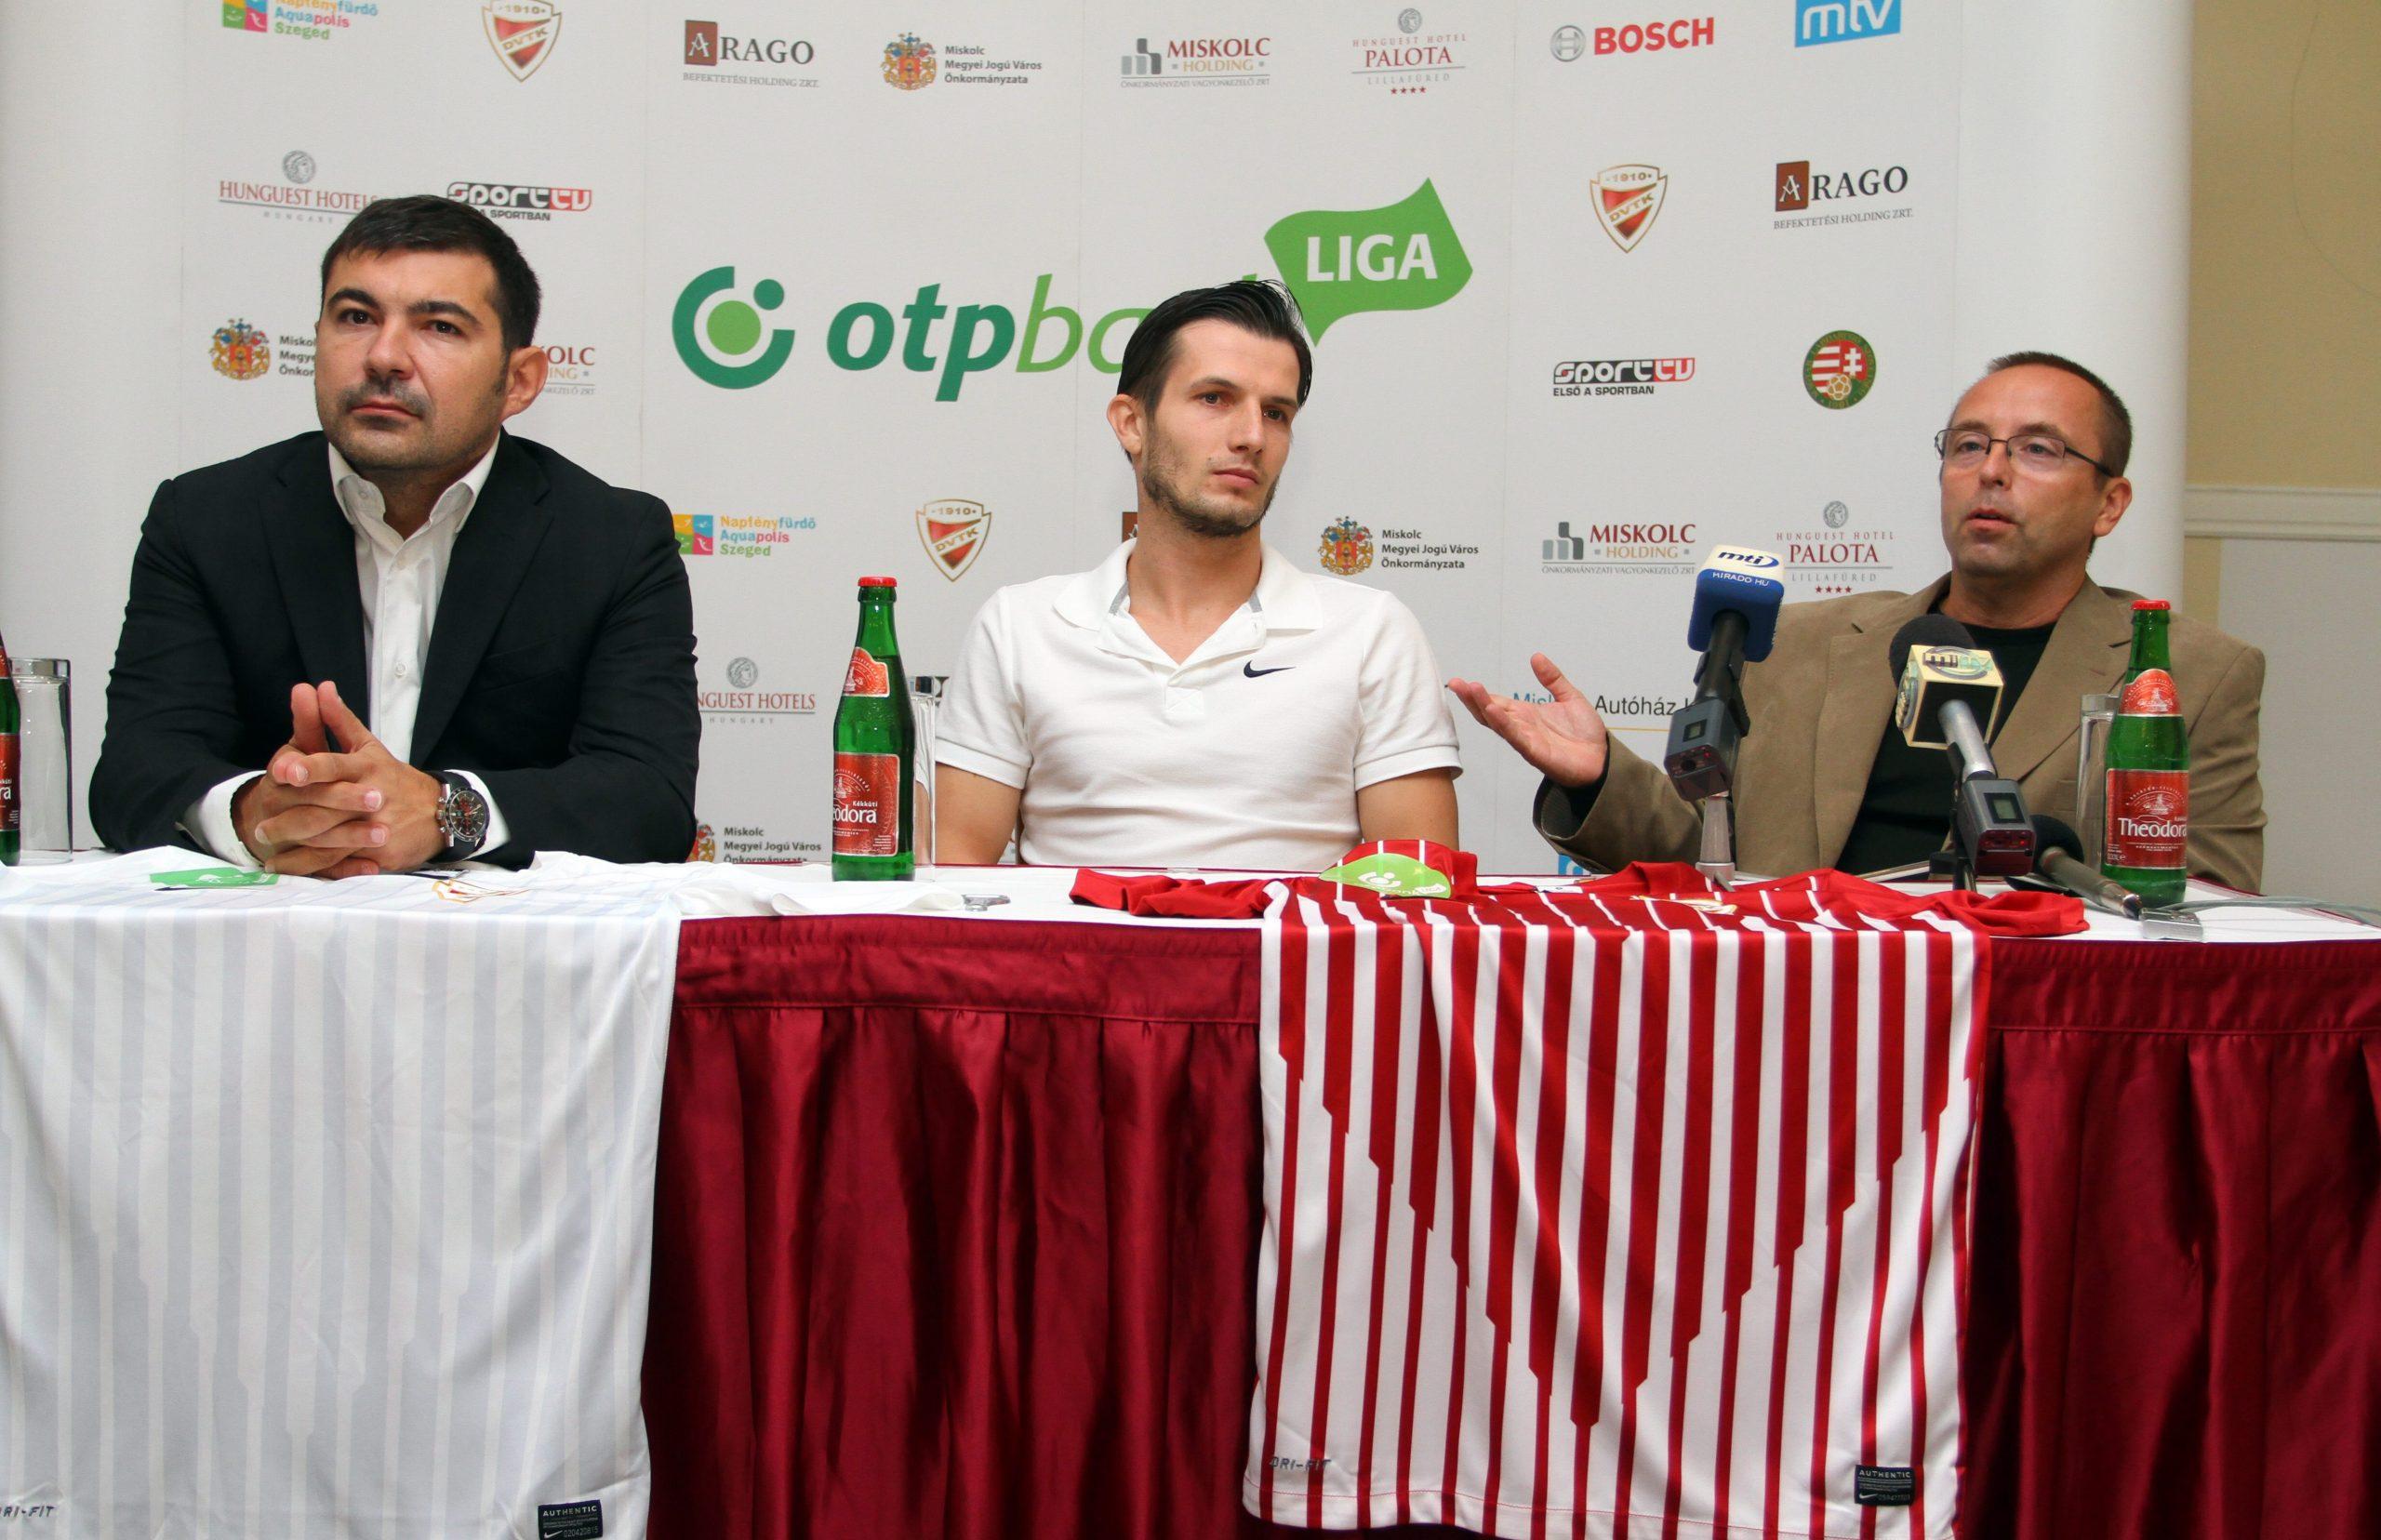 Leisztinger Tamás, a DVTK többségi tulajdonosa (j) beszél, mellette Dudás Hunor ügyvezetõ igazgató (b) és Rudolf Gergely labdarúgó. Utóbbi az egyik legnagyobb futballt csaló játékossá vált, a Diósgyőrt is csak kihasználta / Fotó: MTI